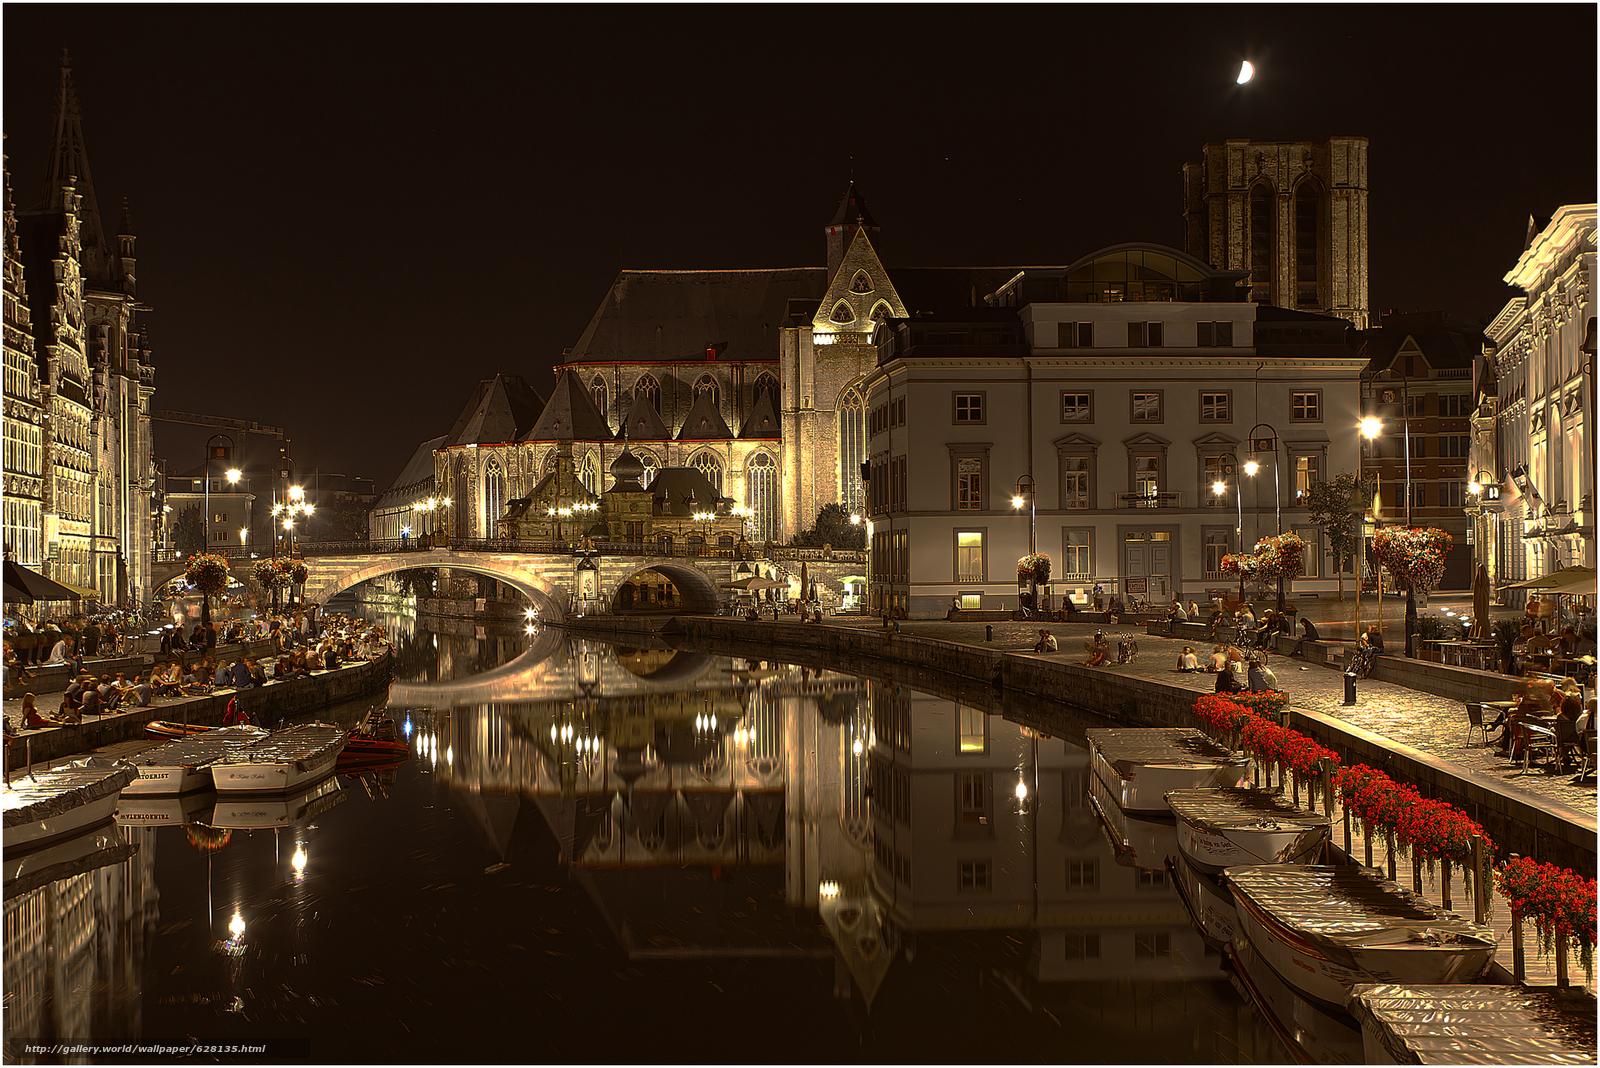 Скачать на телефон обои фото картинку на тему Гент, Gent, город во Фландрии, в Бельгии, Belgium, разширение 3555x2374